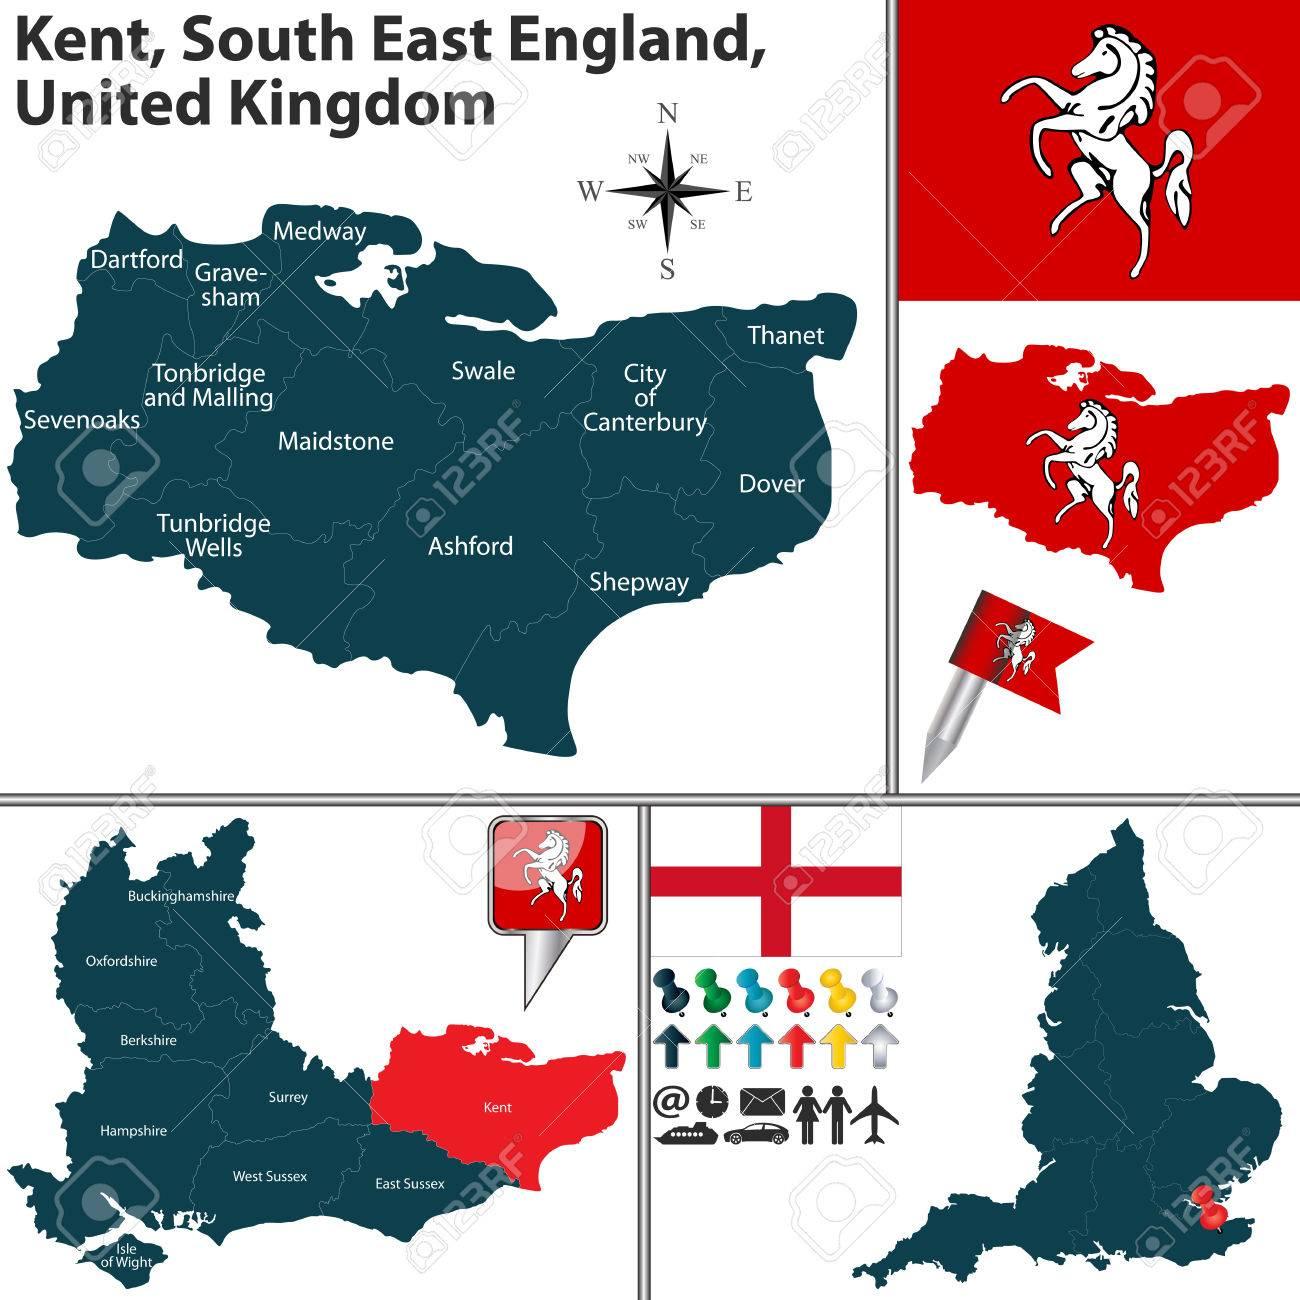 Carte Angleterre Le Kent.Vecteur Carte De Kent Sud Est De L Angleterre Royaume Uni Avec Les Regions Et Drapeaux